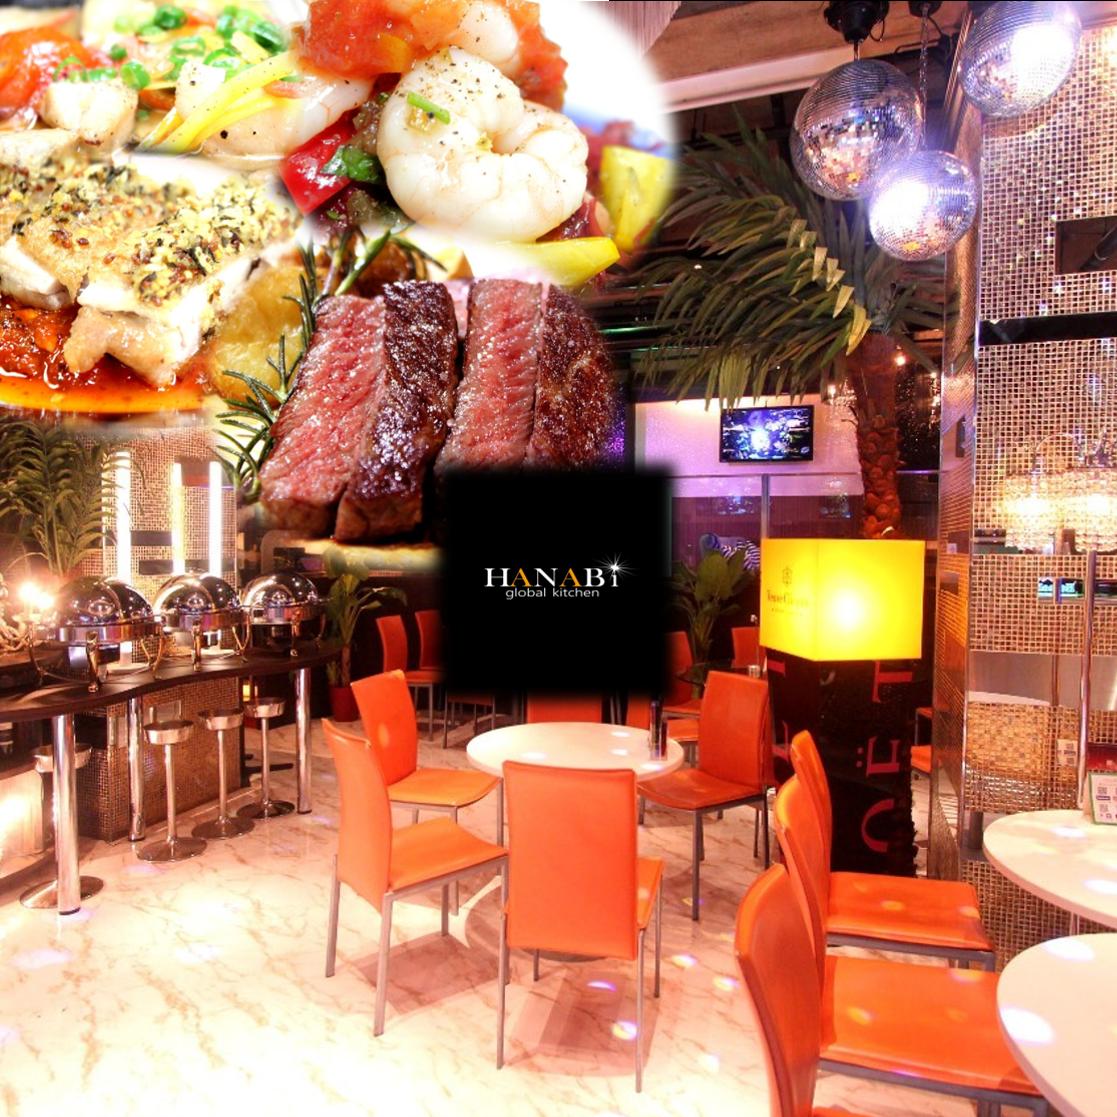 HANABI global kitchen